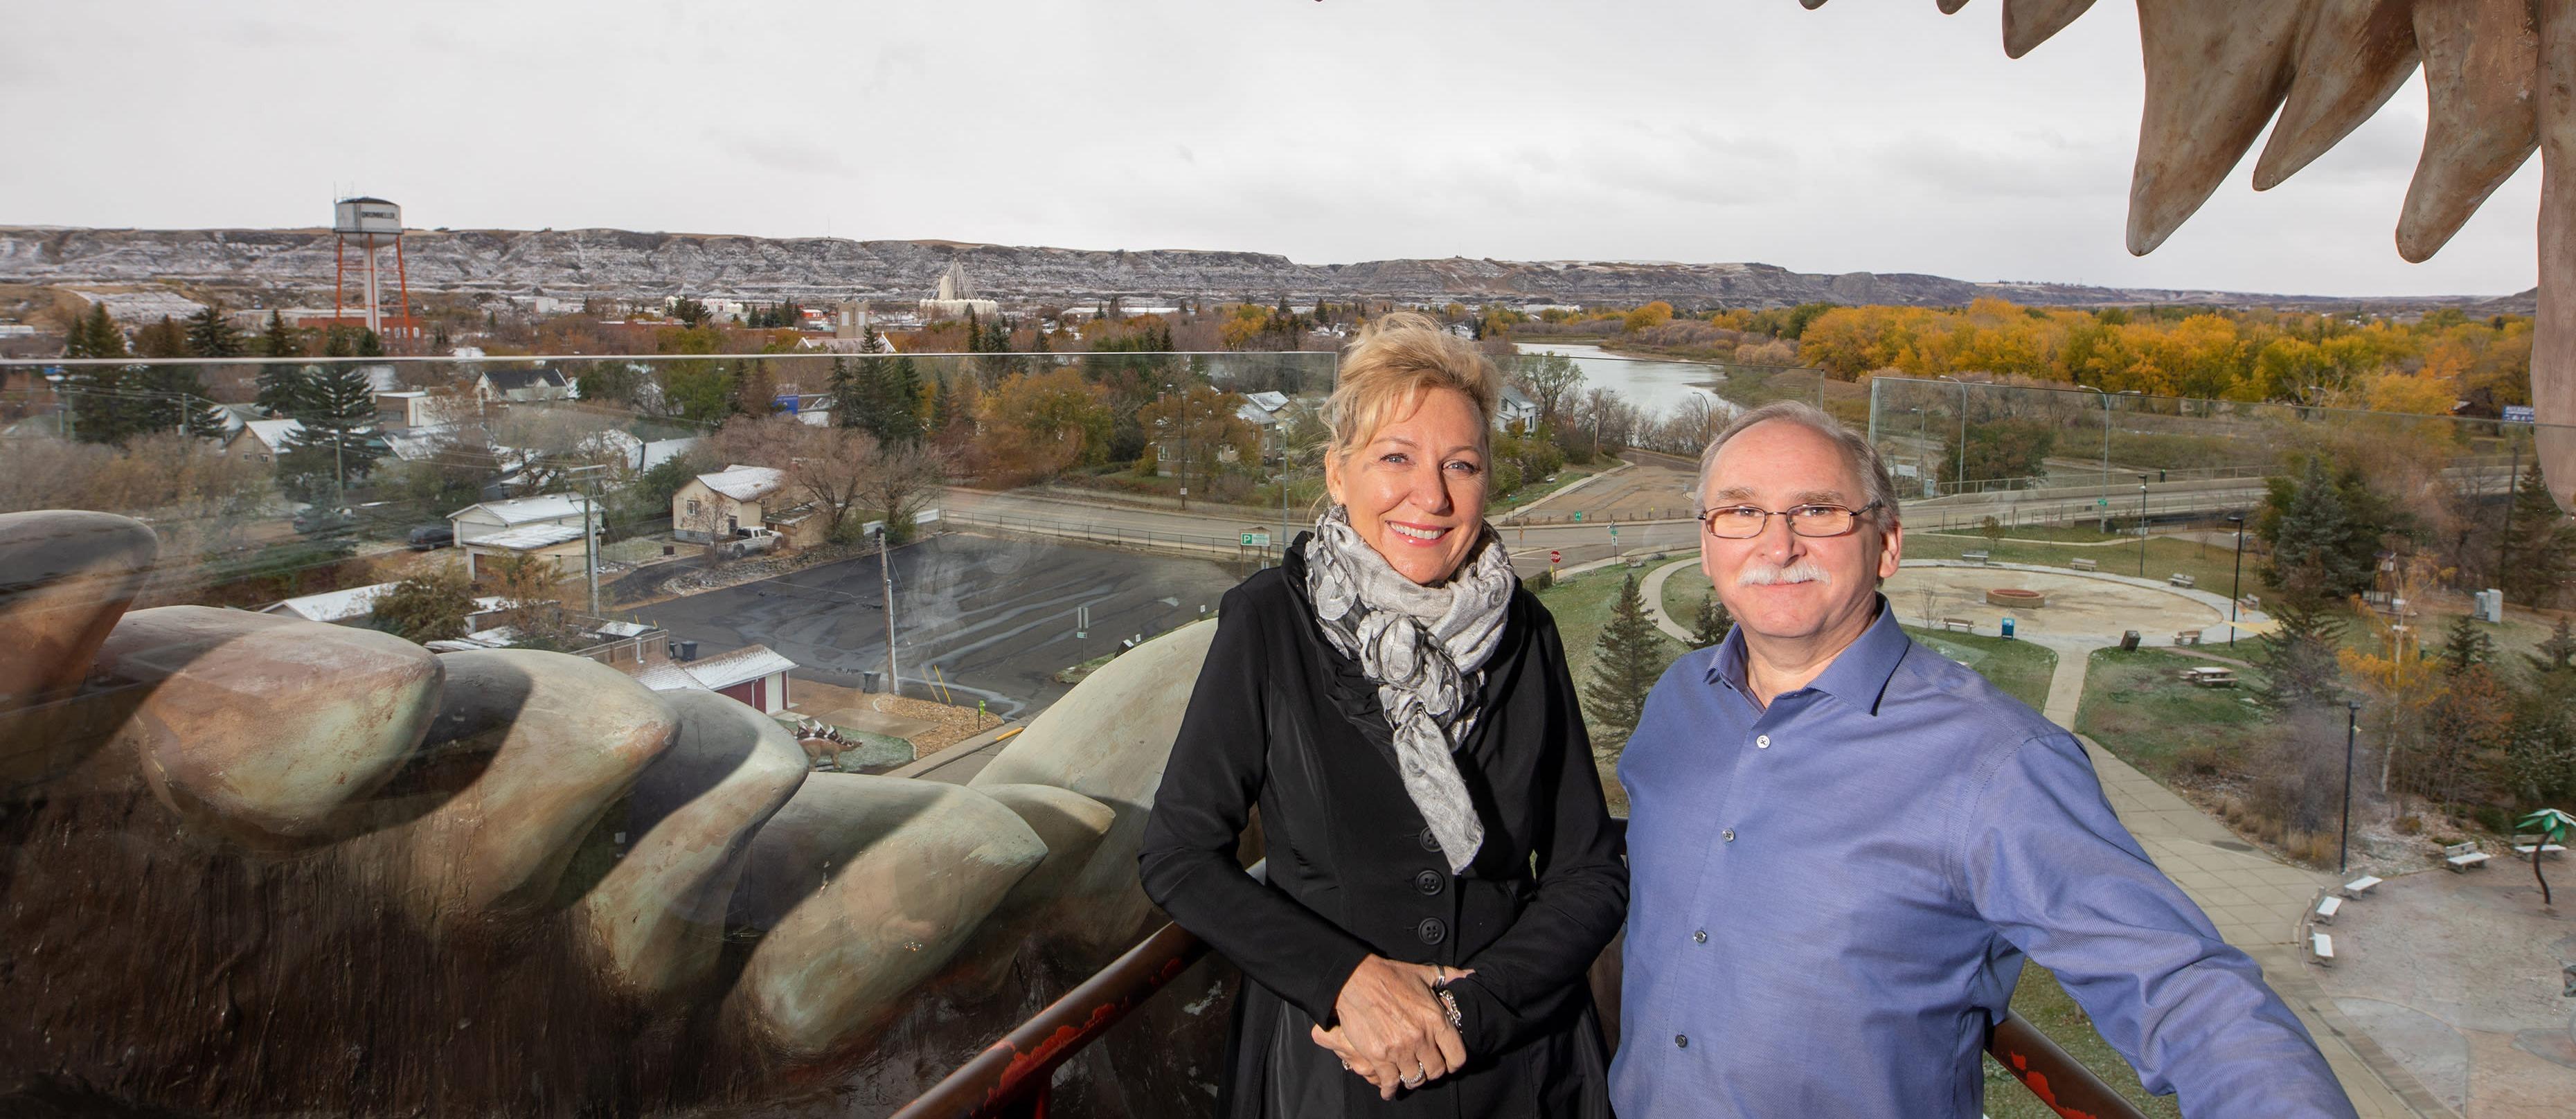 La mairesse de Drumheller, Heather Colberg, et l'entrepreneur local Brian Yanish sont debout dans la mâchoire d'une réplique de T-Rex.